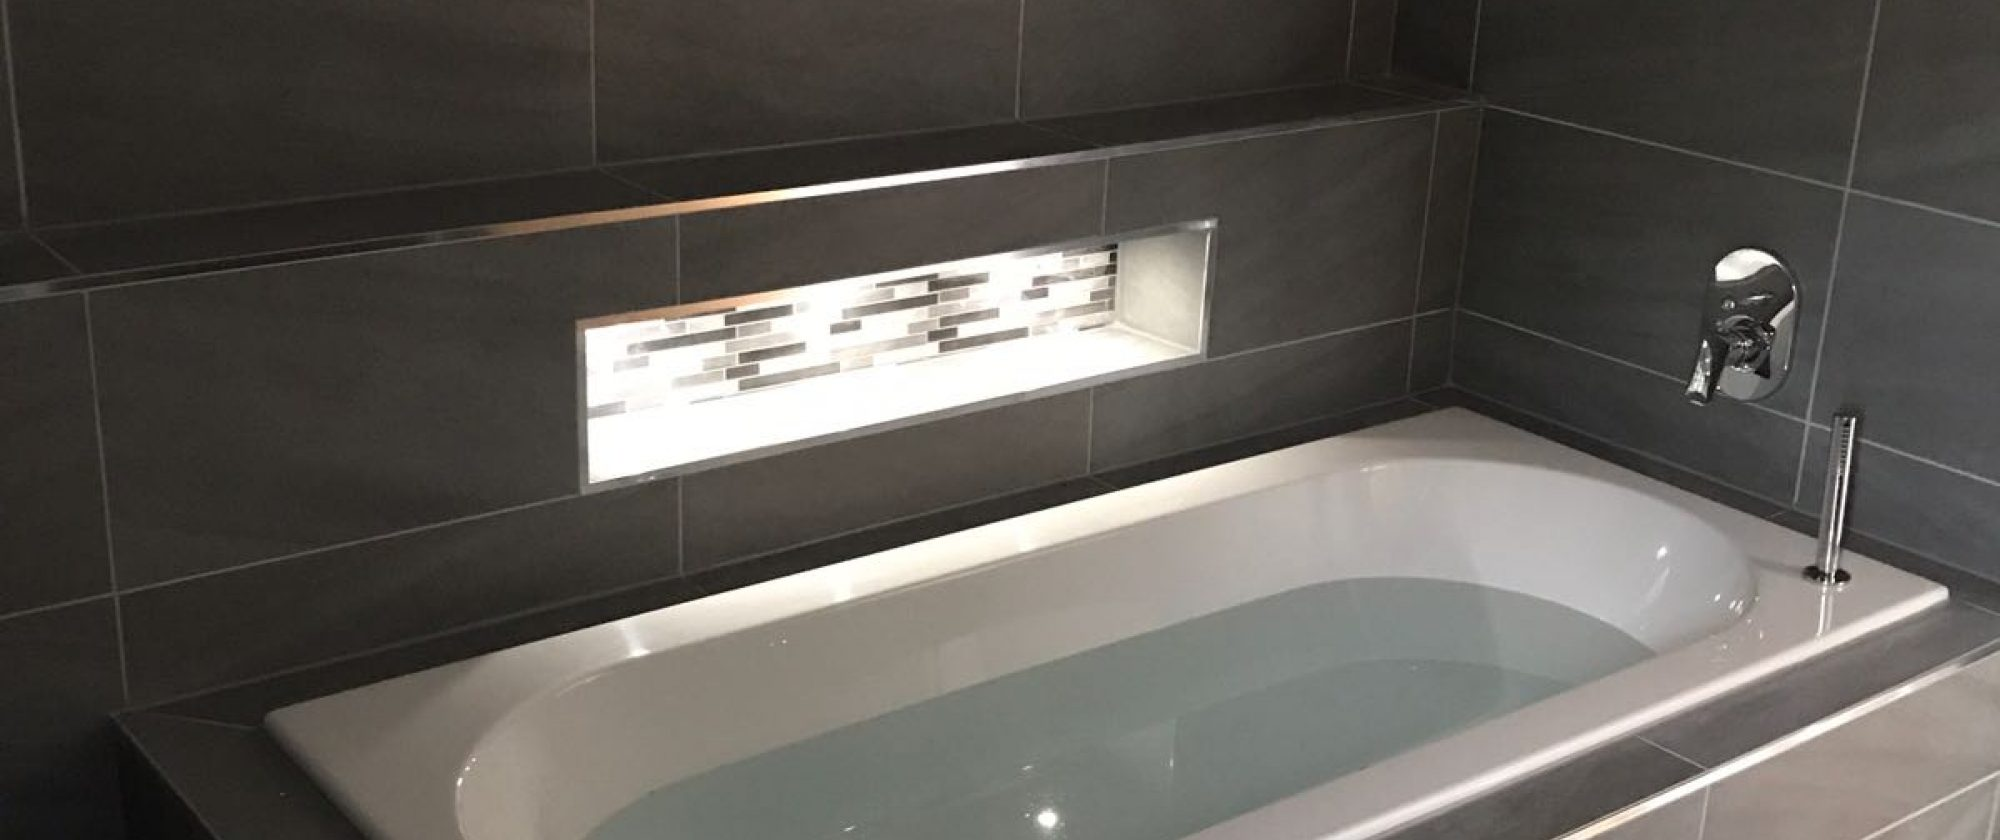 Bathroom 2017 1A